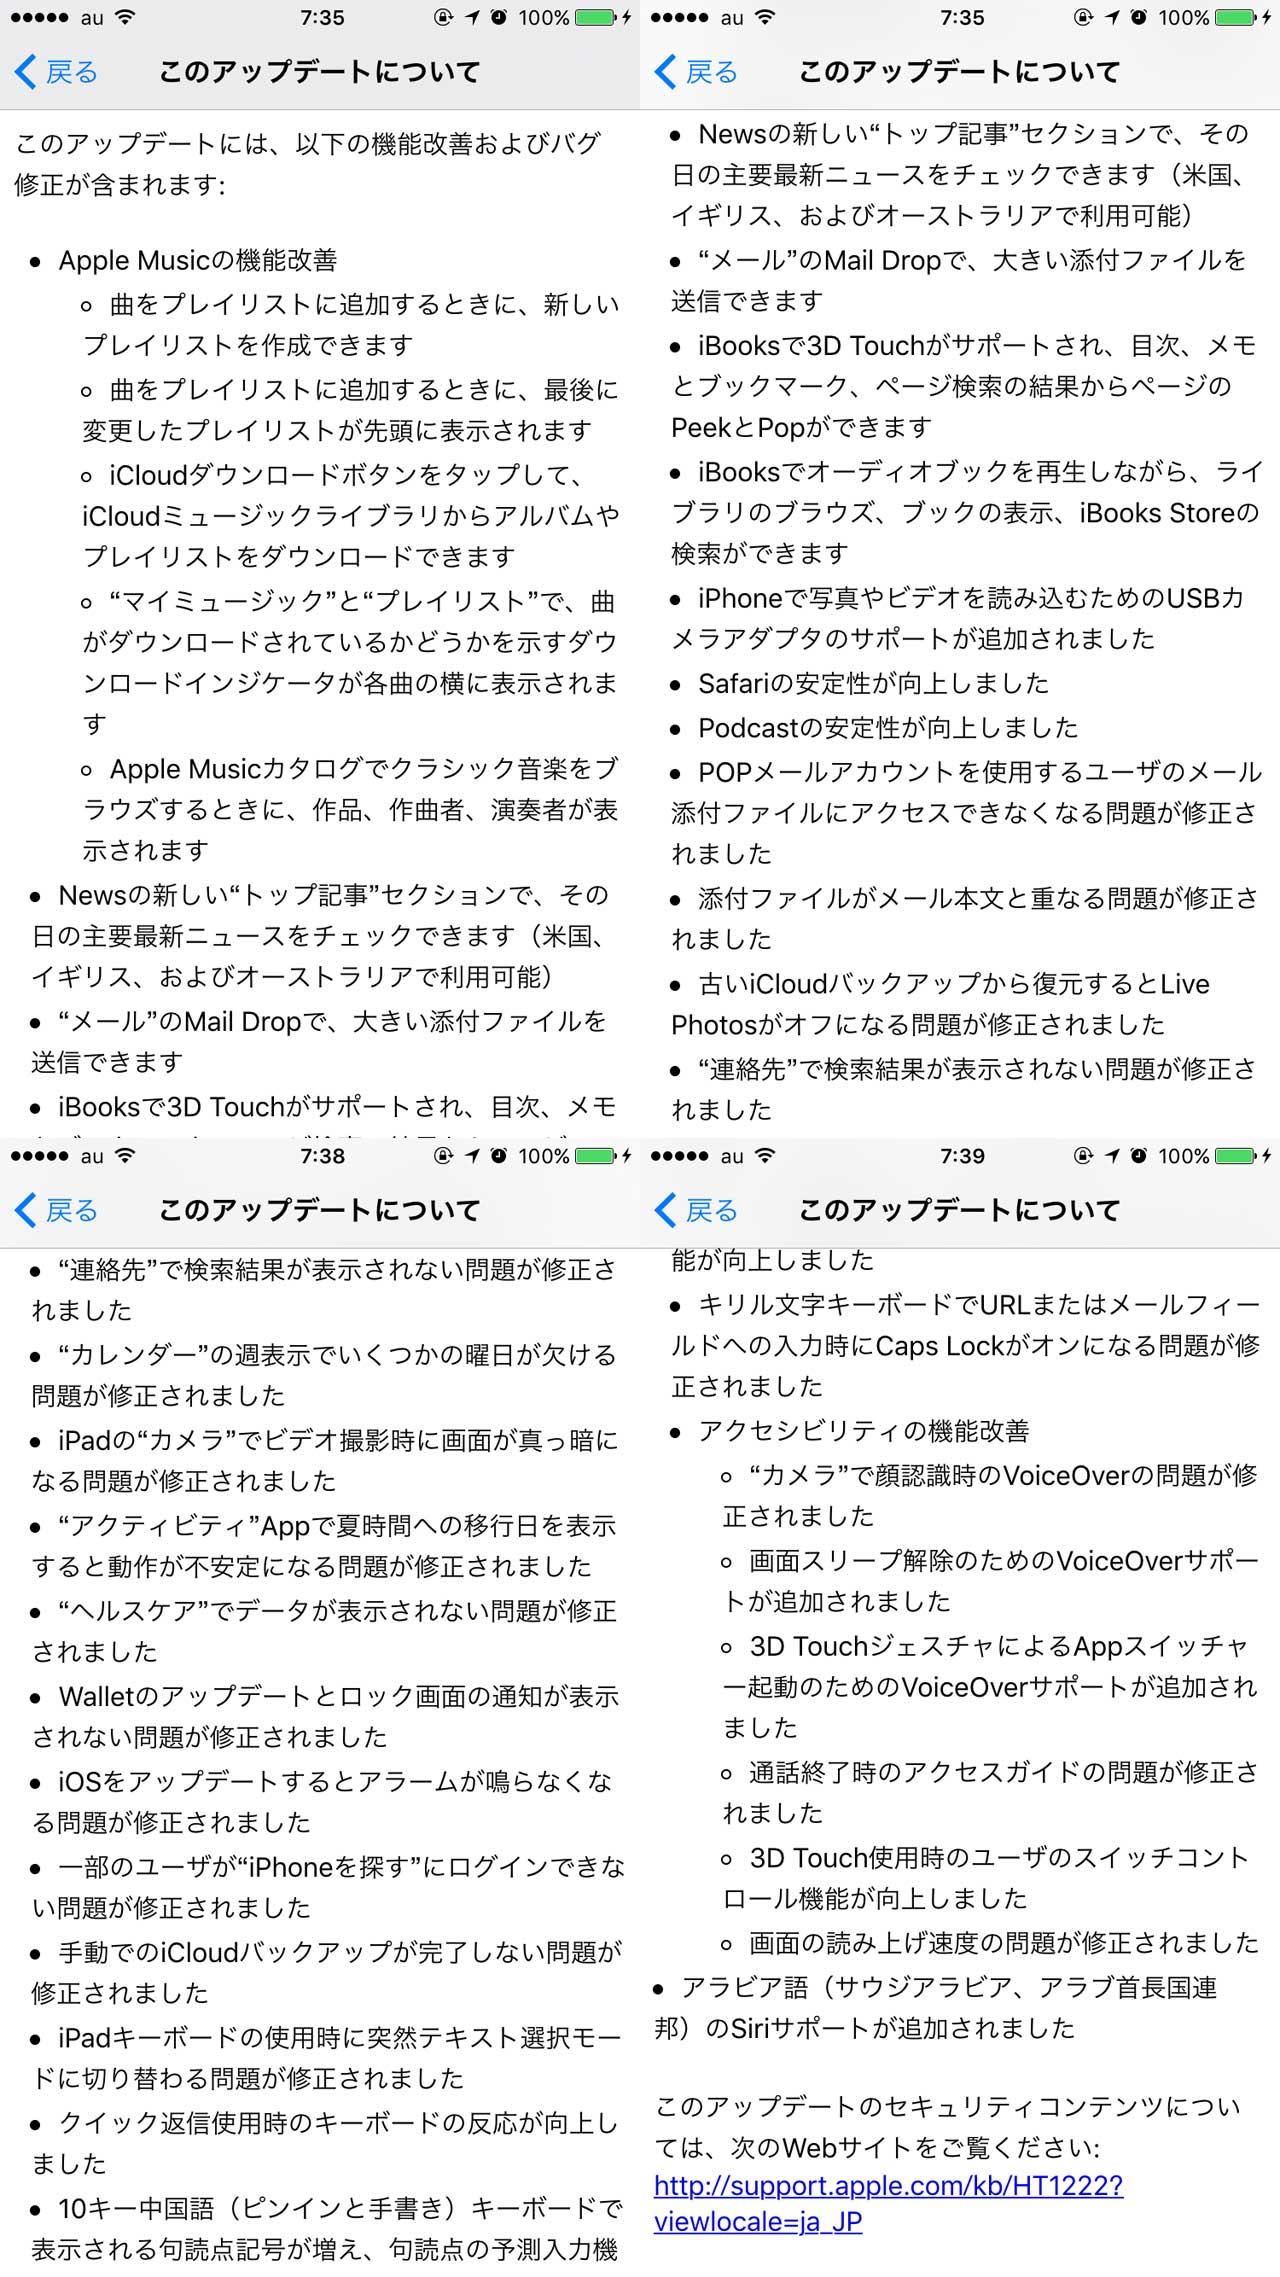 released-ios-9-2_1